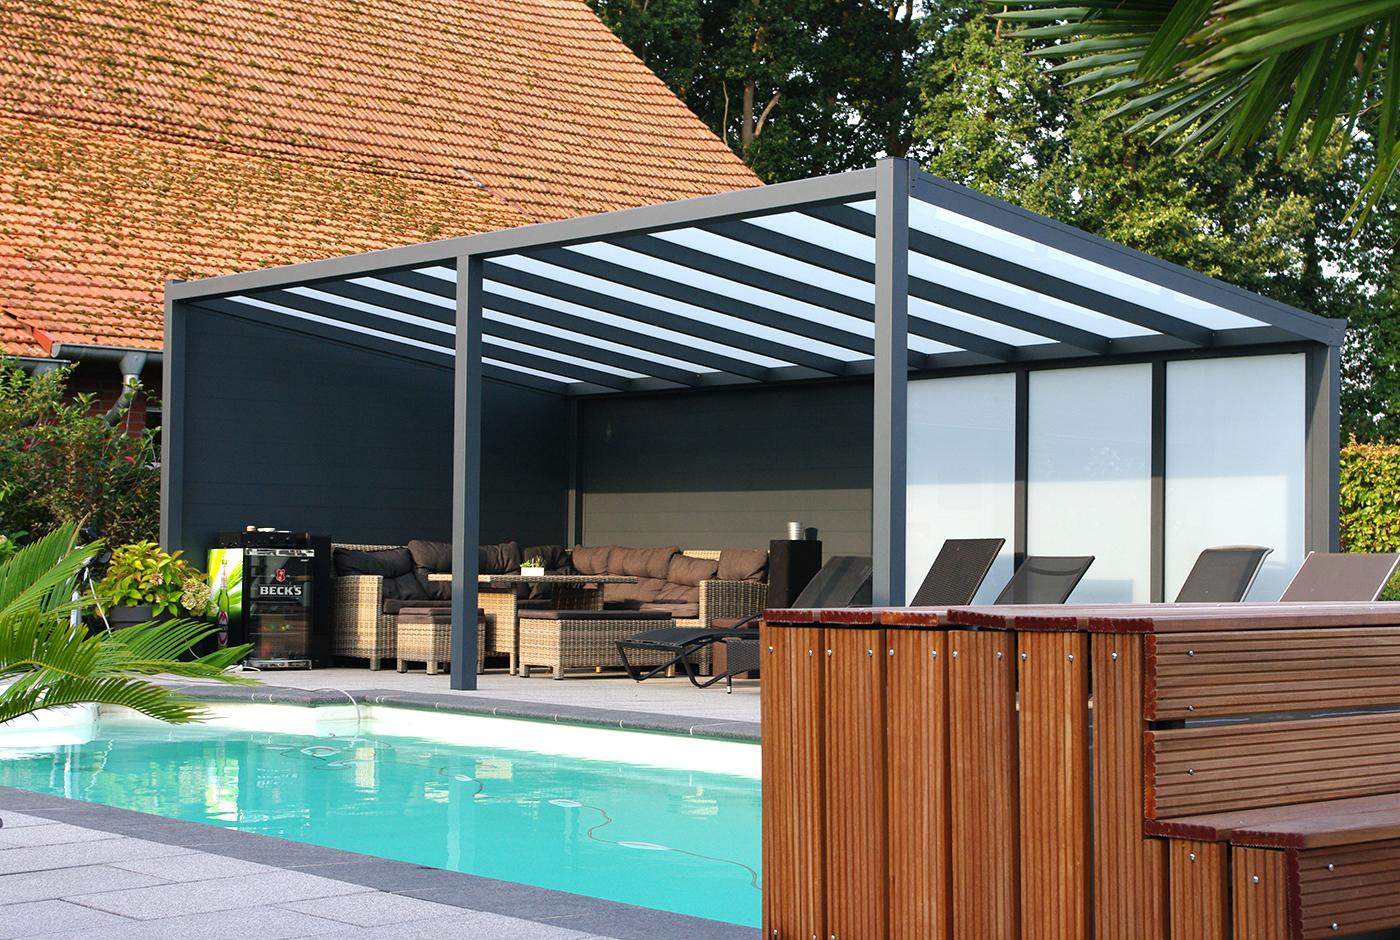 poolhaus im garten – in vorfreude auf die sommerzeit